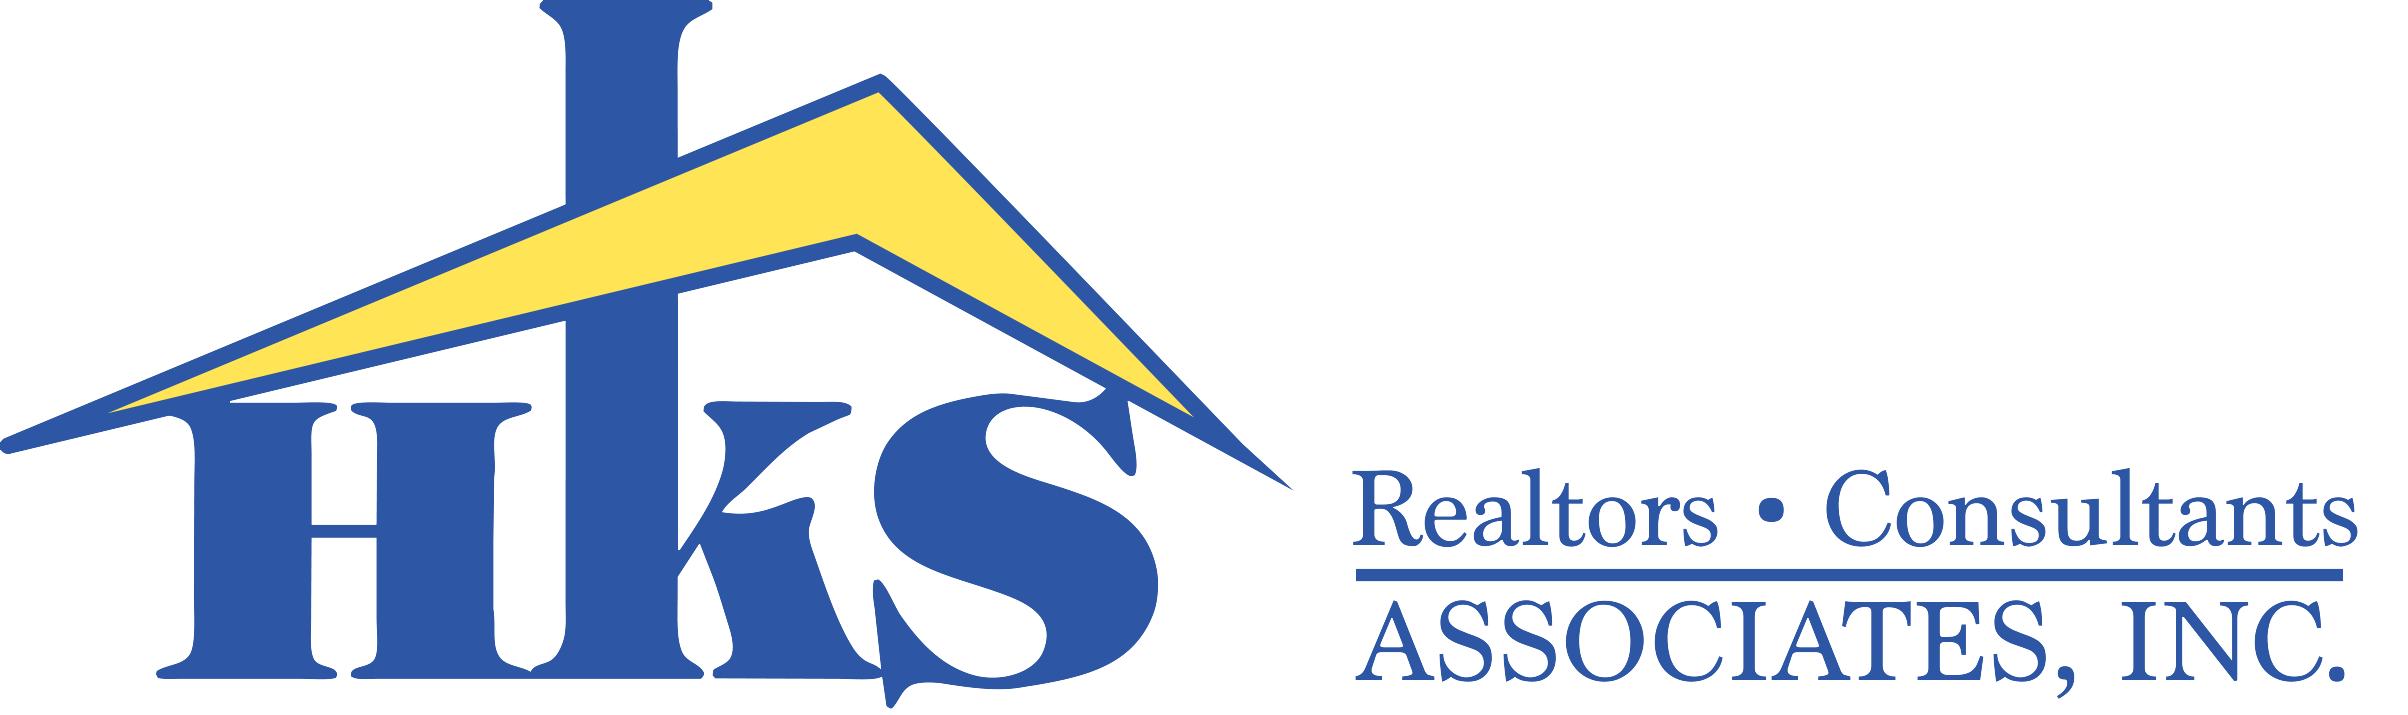 HKS Associates, Inc.